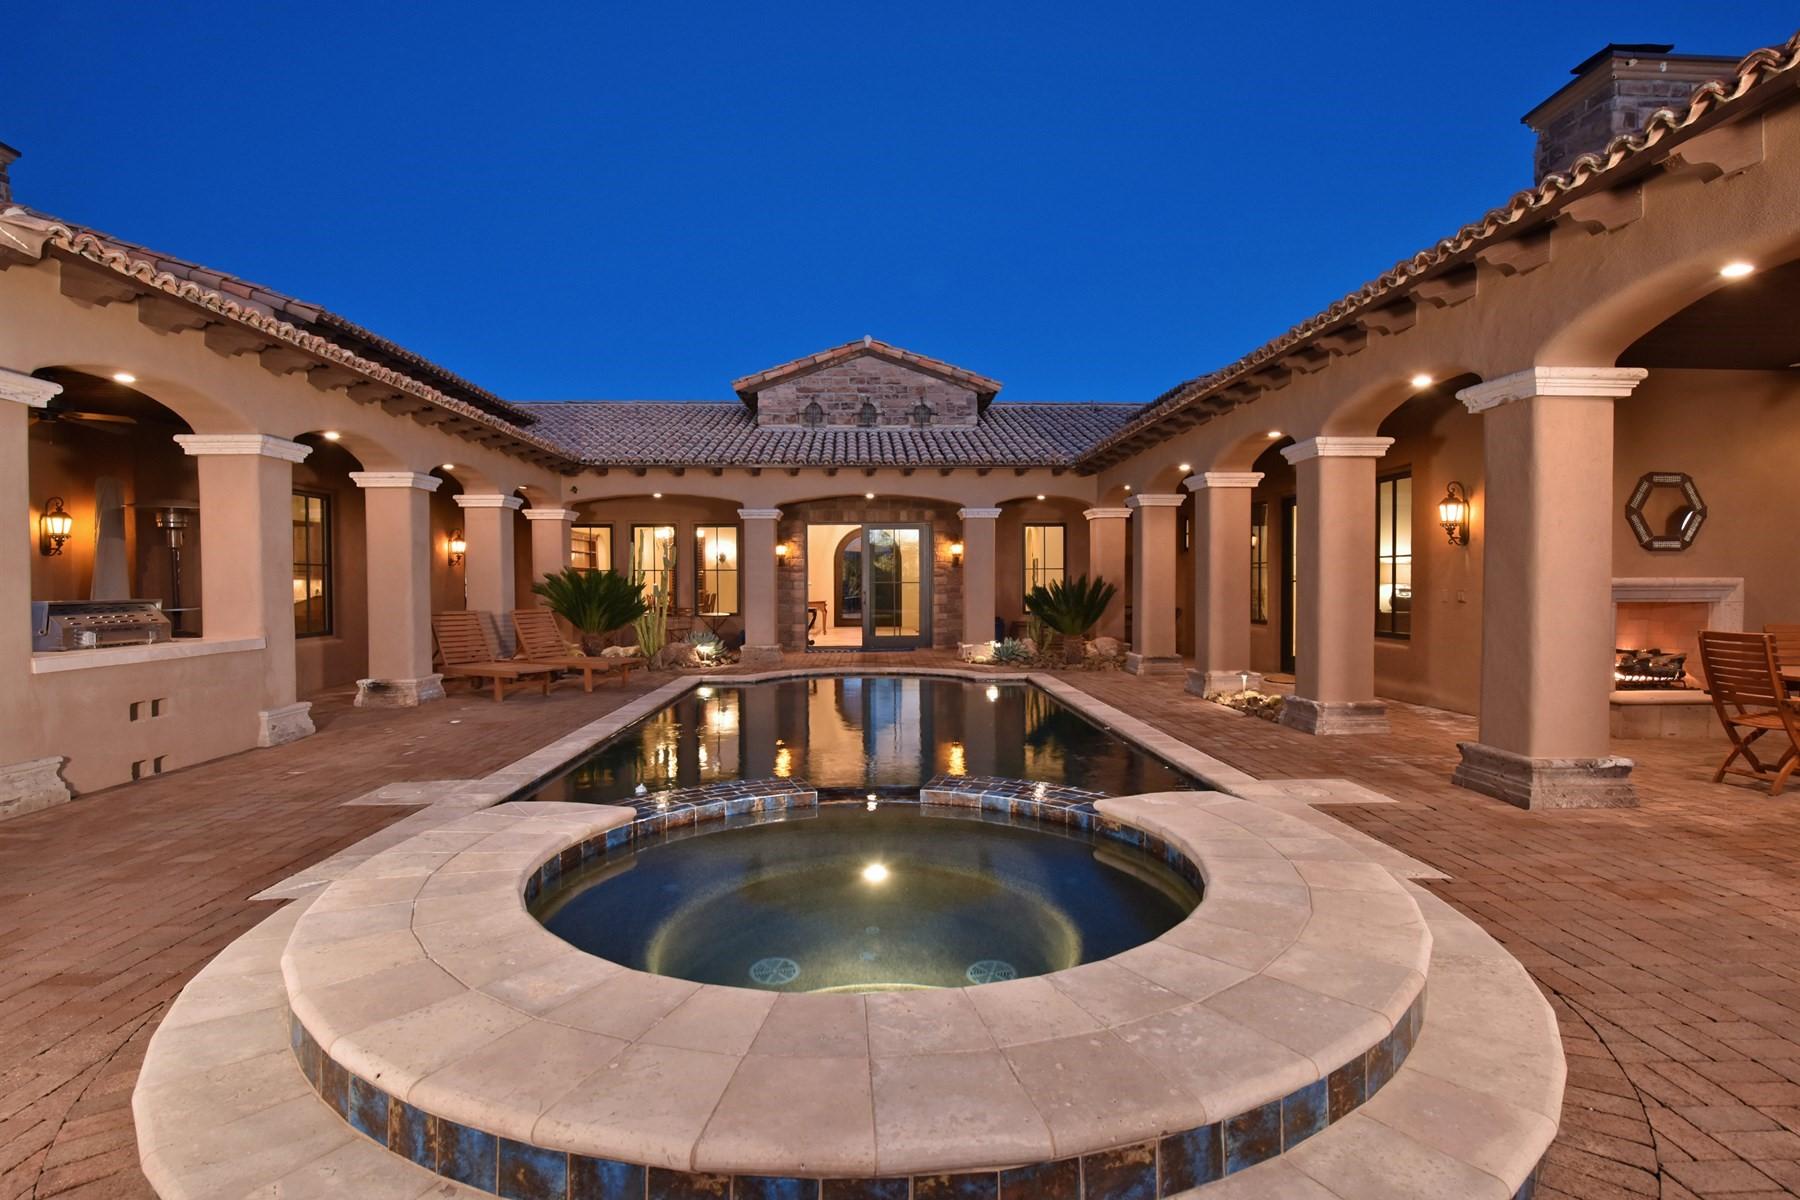 단독 가정 주택 용 매매 에 Beautiful Mediterranean style villa 36304 N 105th Way Scottsdale, 아리조나, 85262 미국